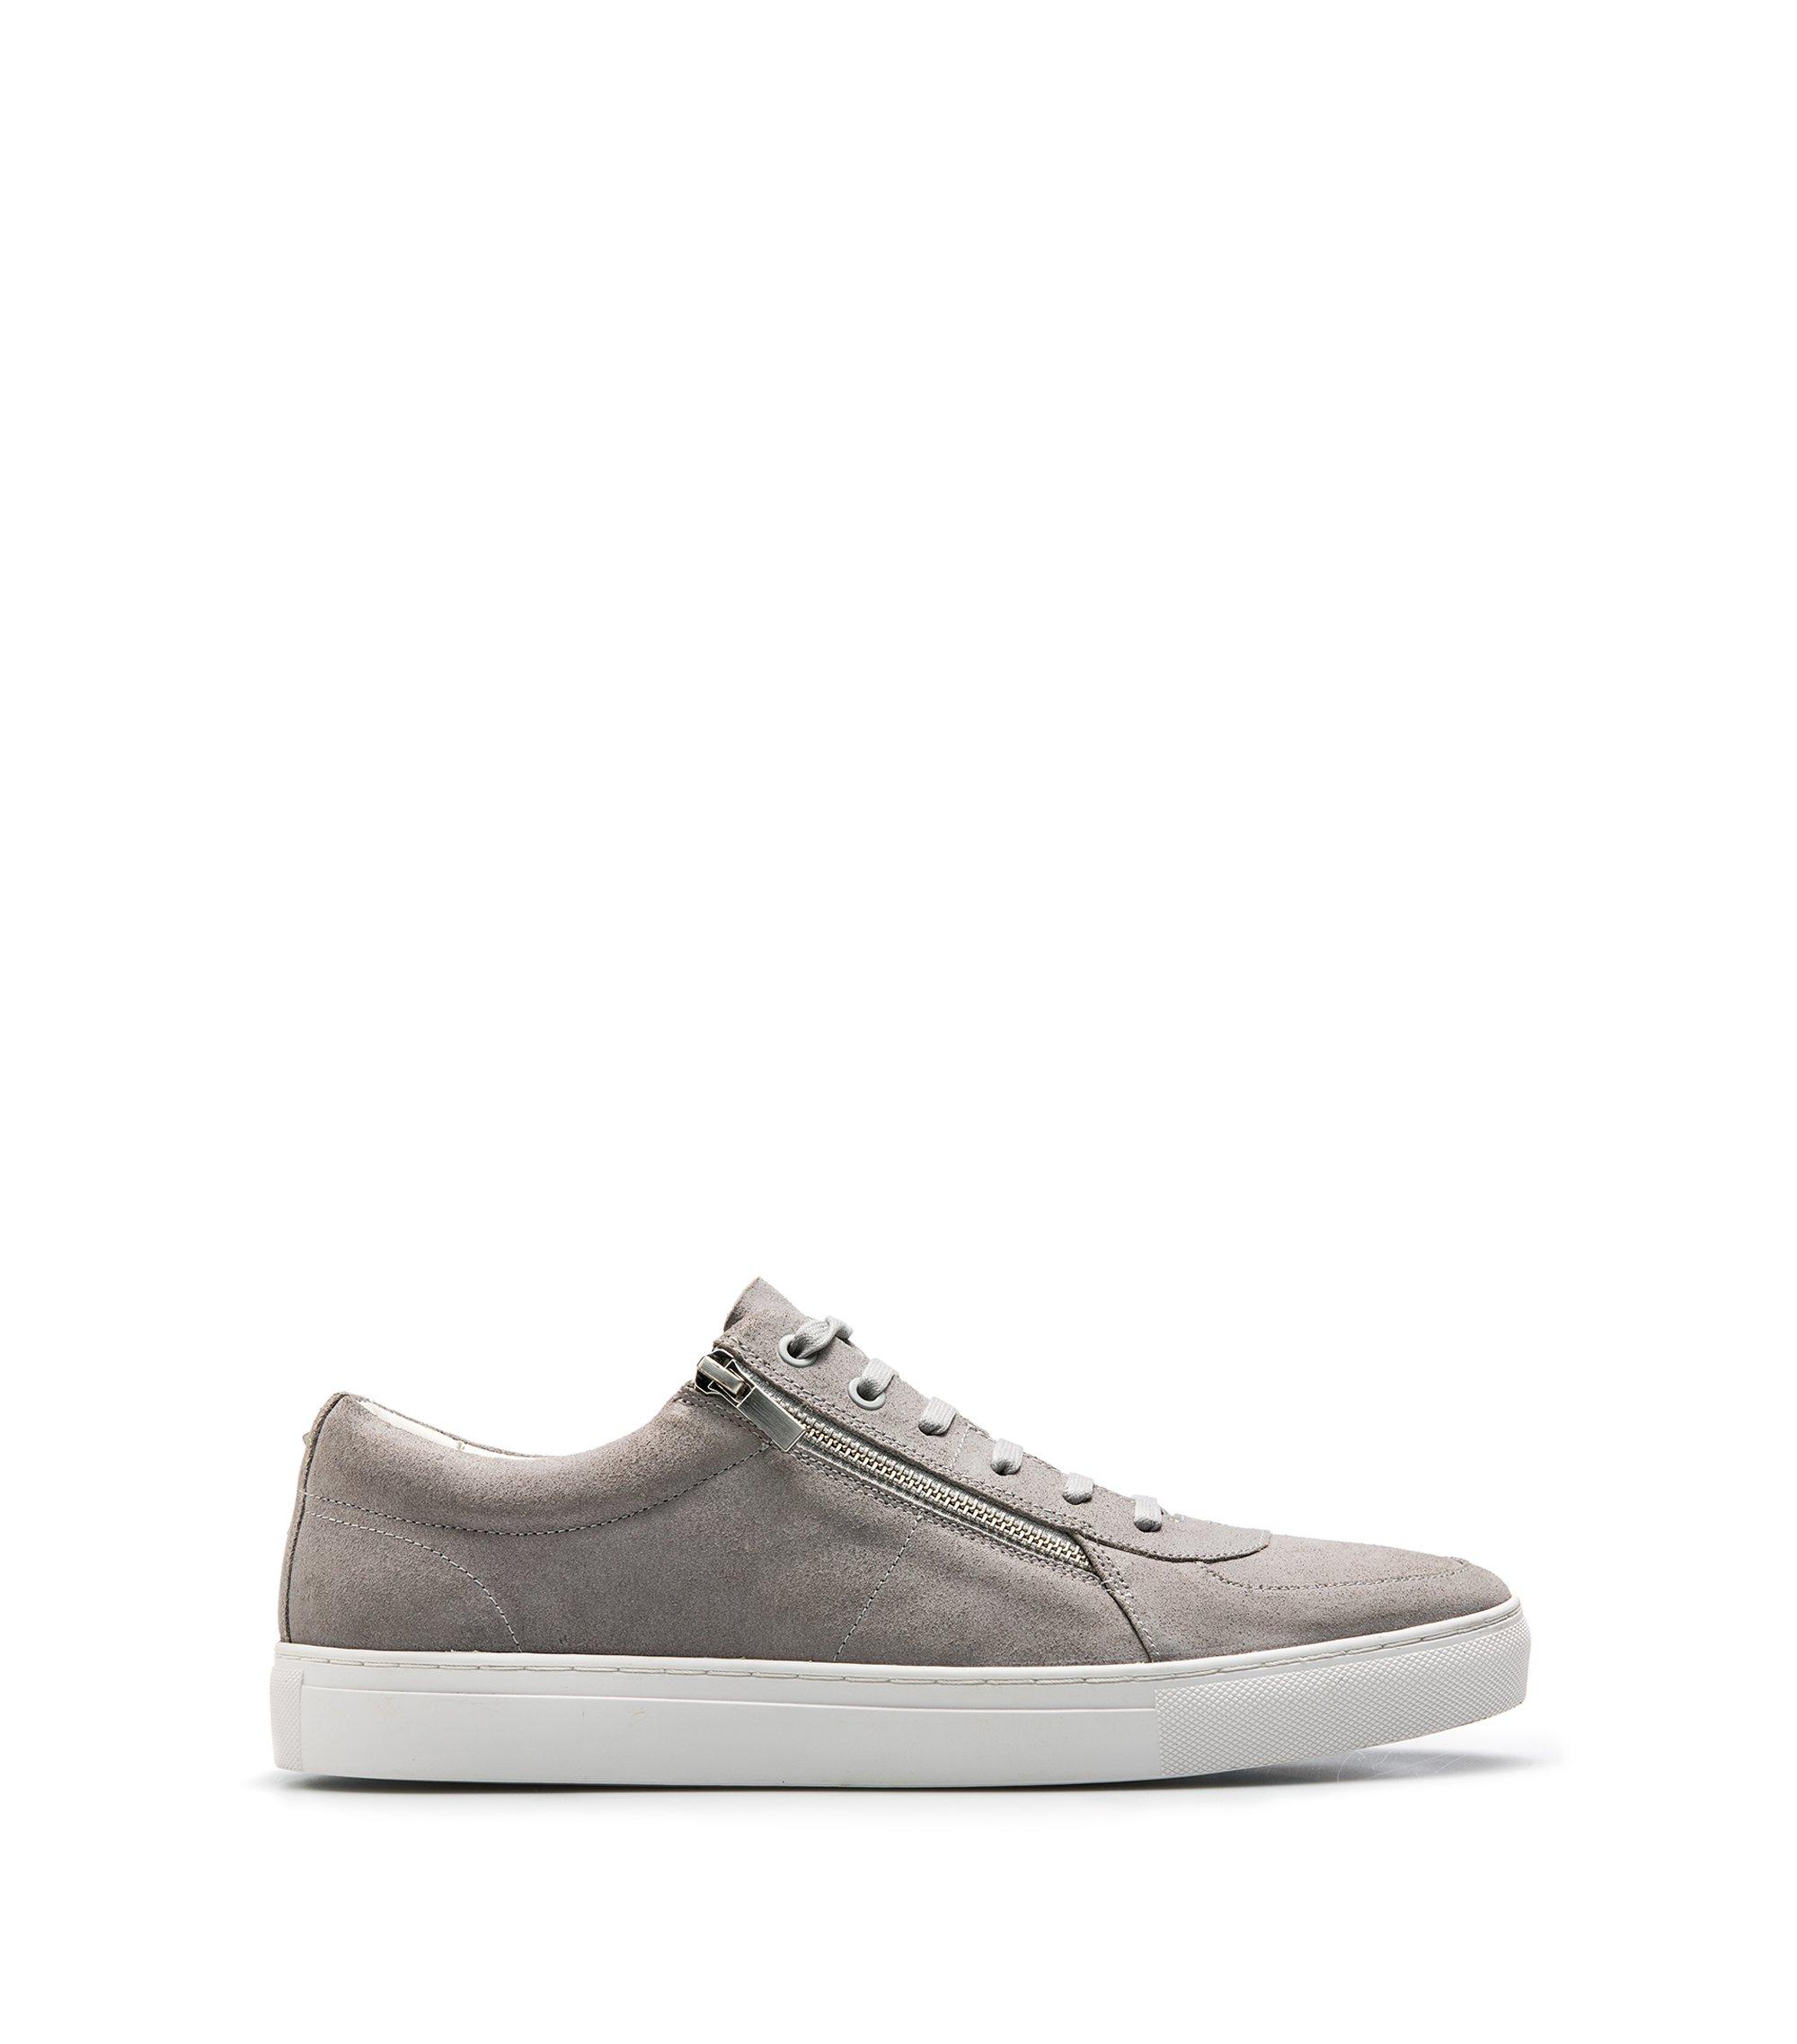 Sneakers aus gewachstem Veloursleder mit doppeltem Reißverschluss, Hellgrau